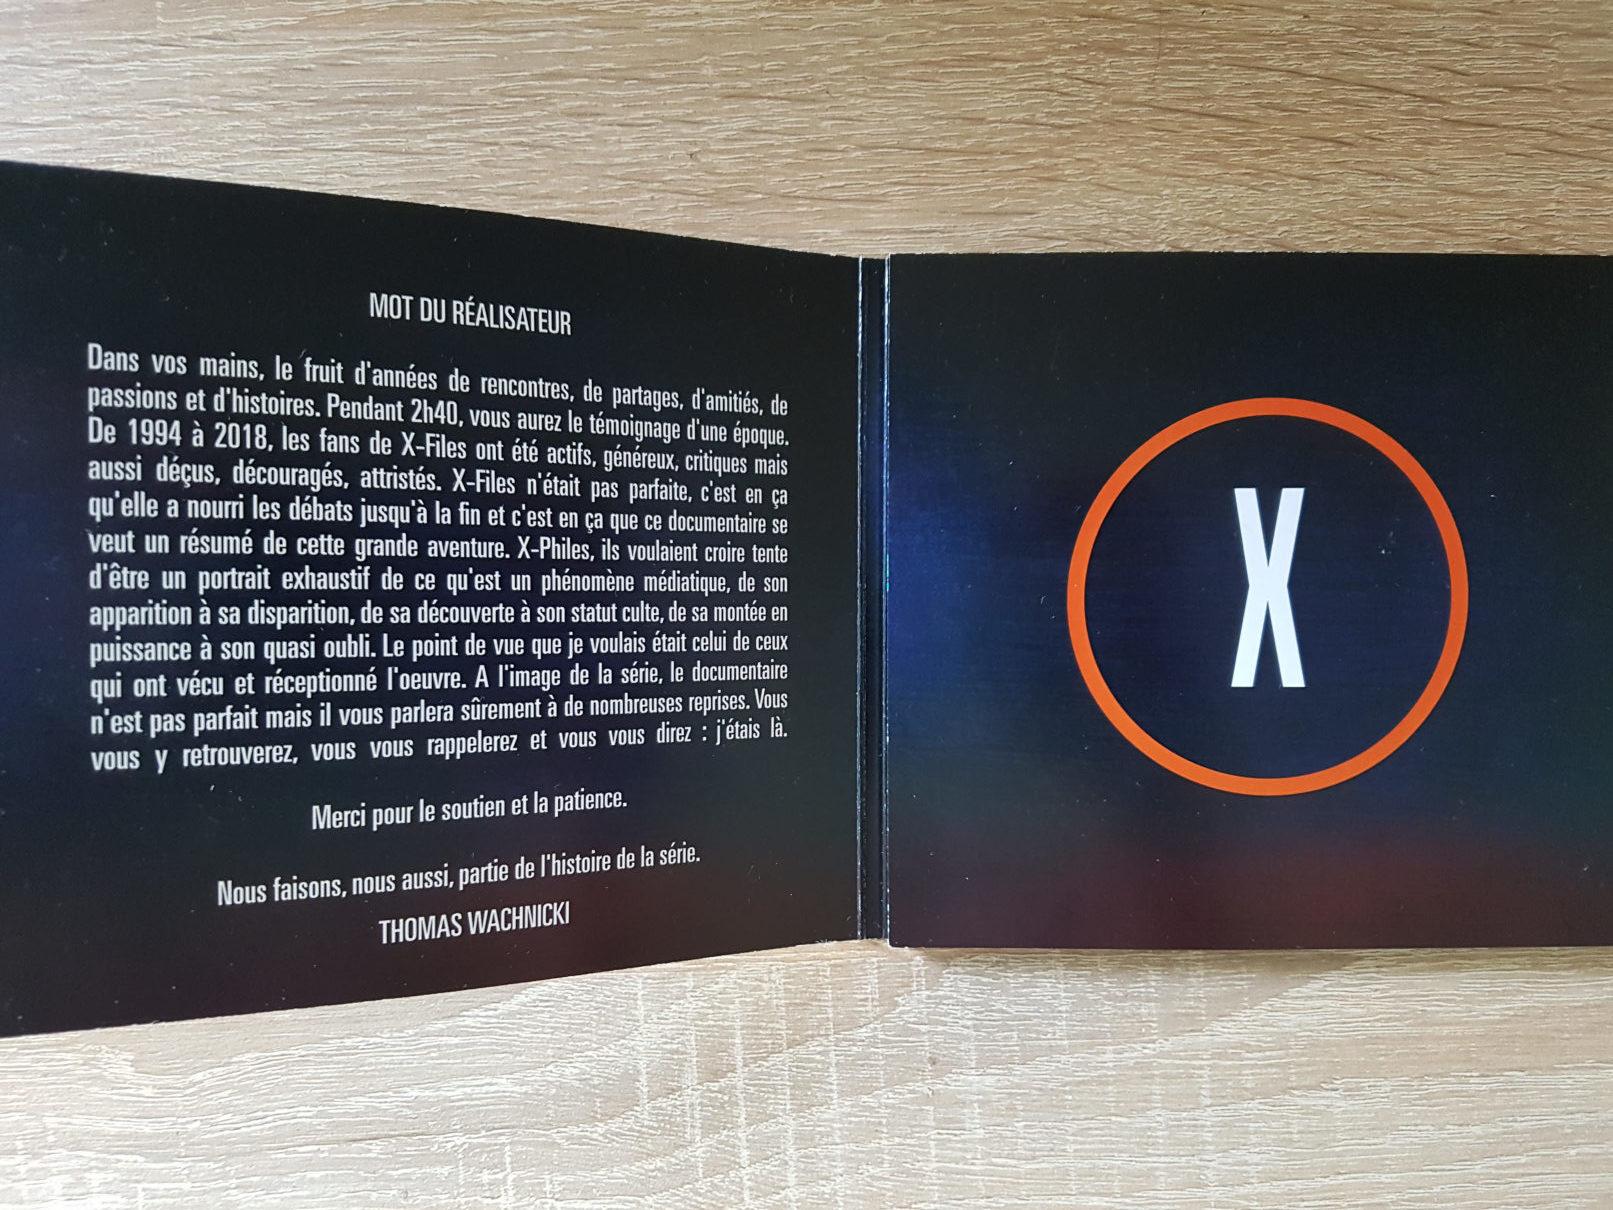 x-files - Détails du DVD X-Philes, Ils Voulaient Croire, premier documentaire Smallthings xphiles dvd documentaire 3 rotated e1588854909244